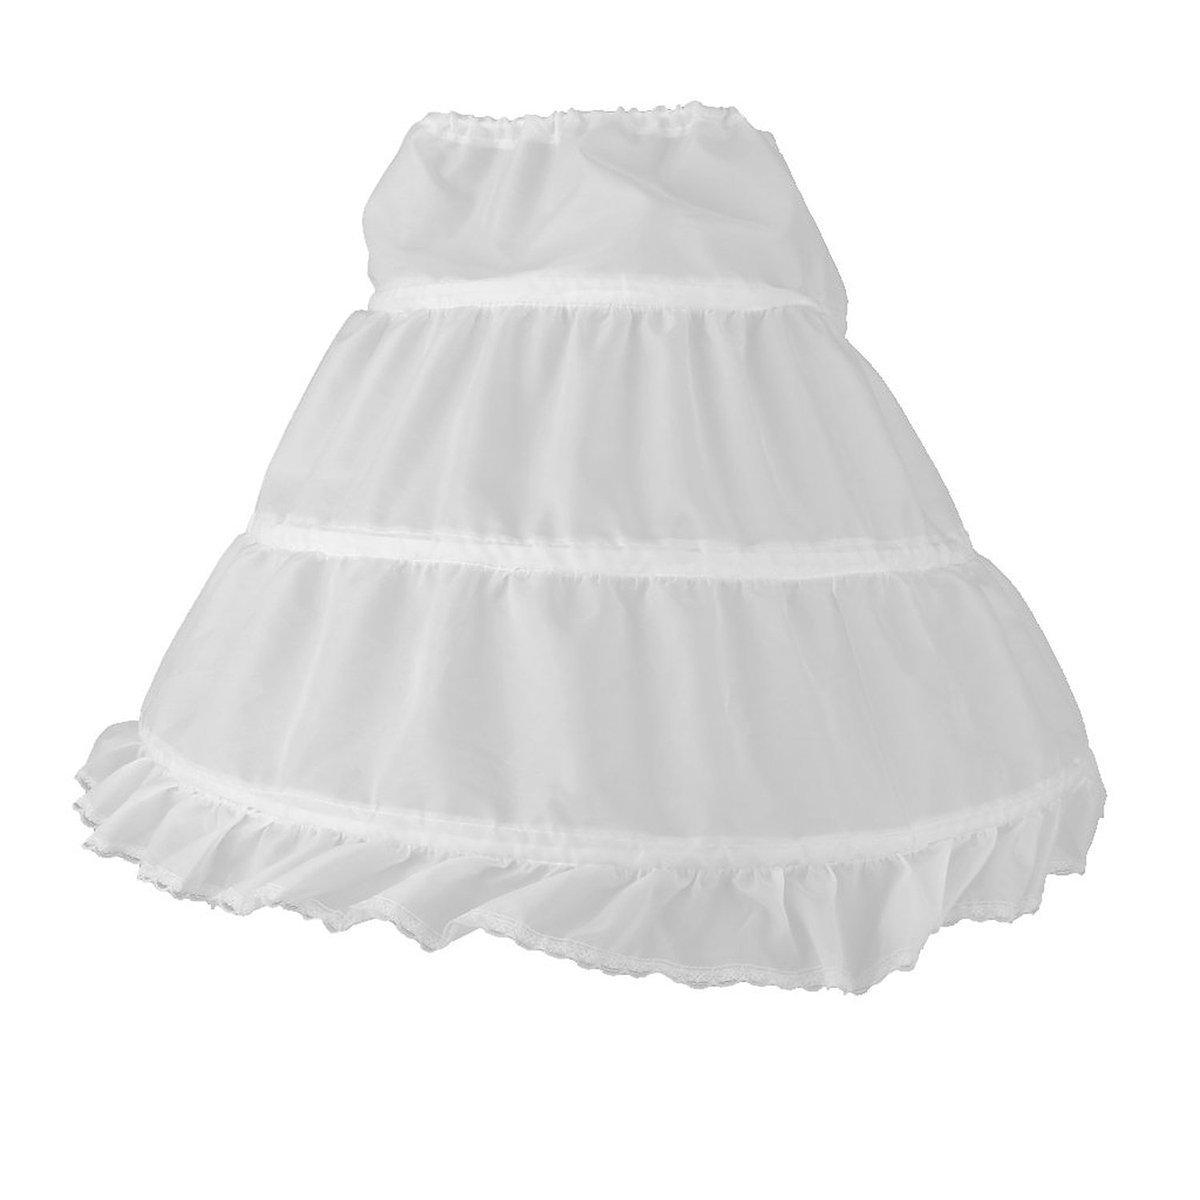 BESTOMZ Dressever Girls' Petticoat Half Slip Flower Girl Crinoline Skirt